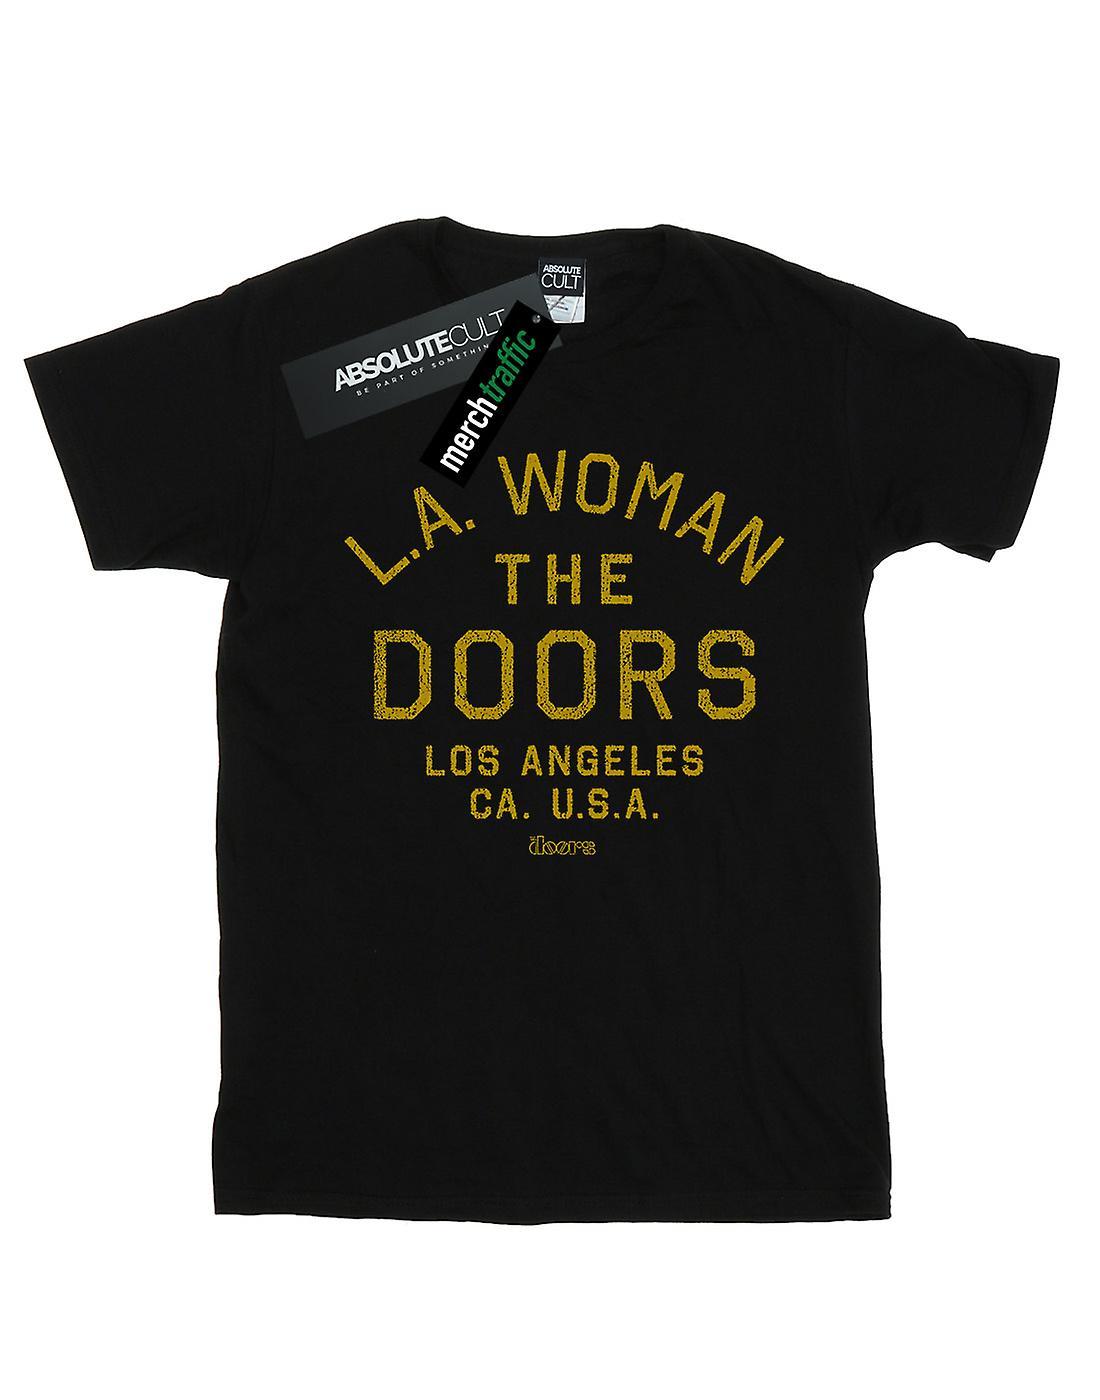 The Doors Men's LA Woman Text T-Shirt